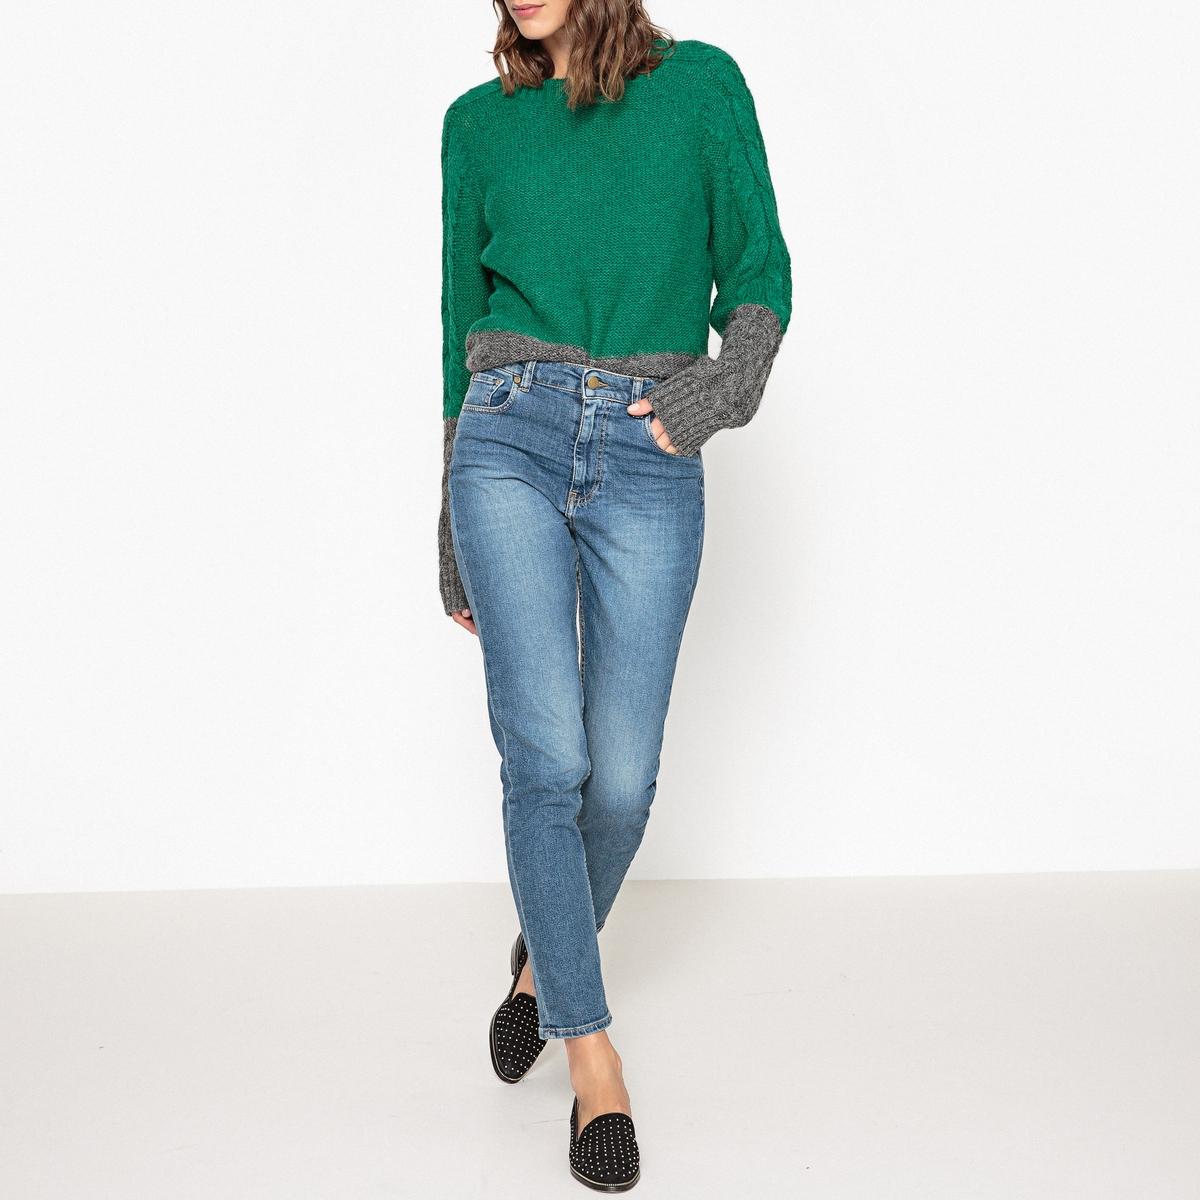 цена  Пуловер двухцветный с бахромой MARCEL  онлайн в 2017 году